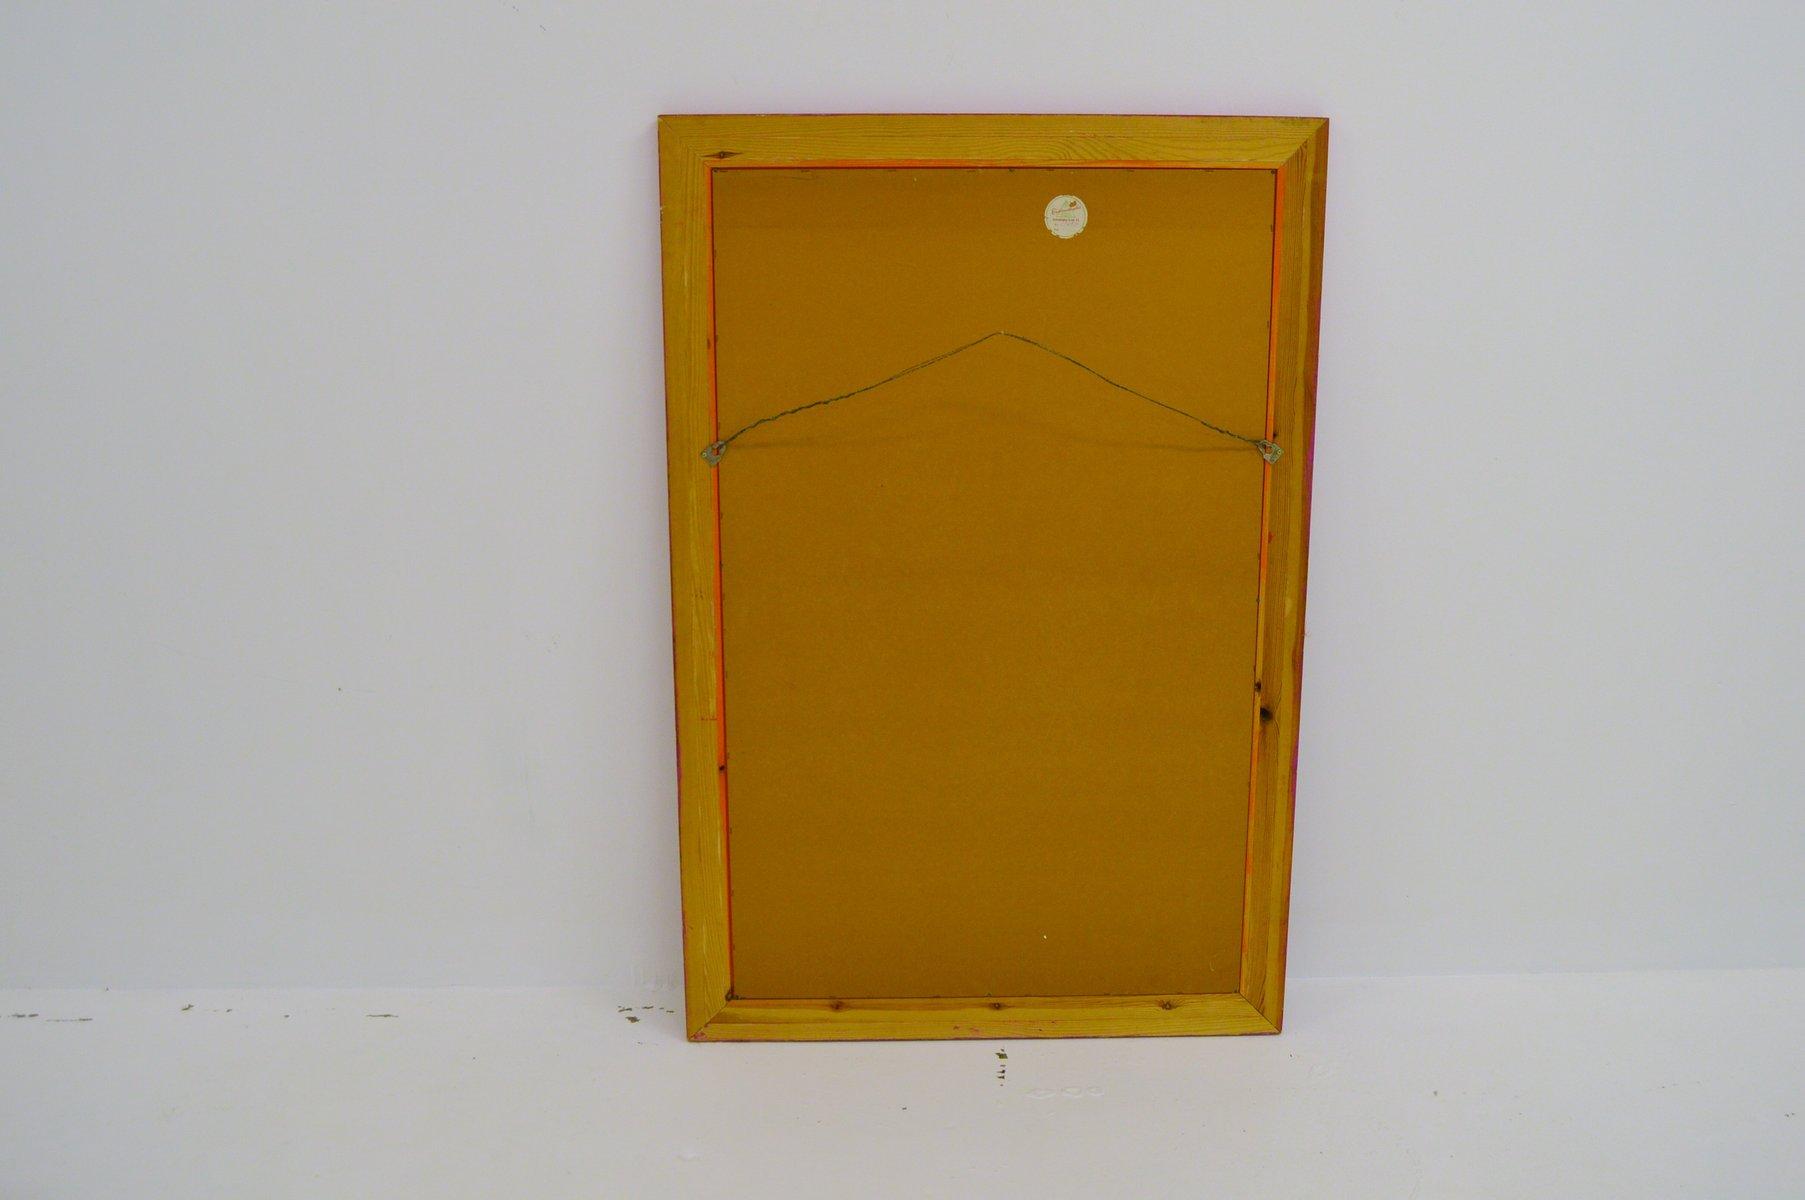 Grand miroir par erik h glund pour eriksm laglas 1969 en for Grand miroir pour buffet